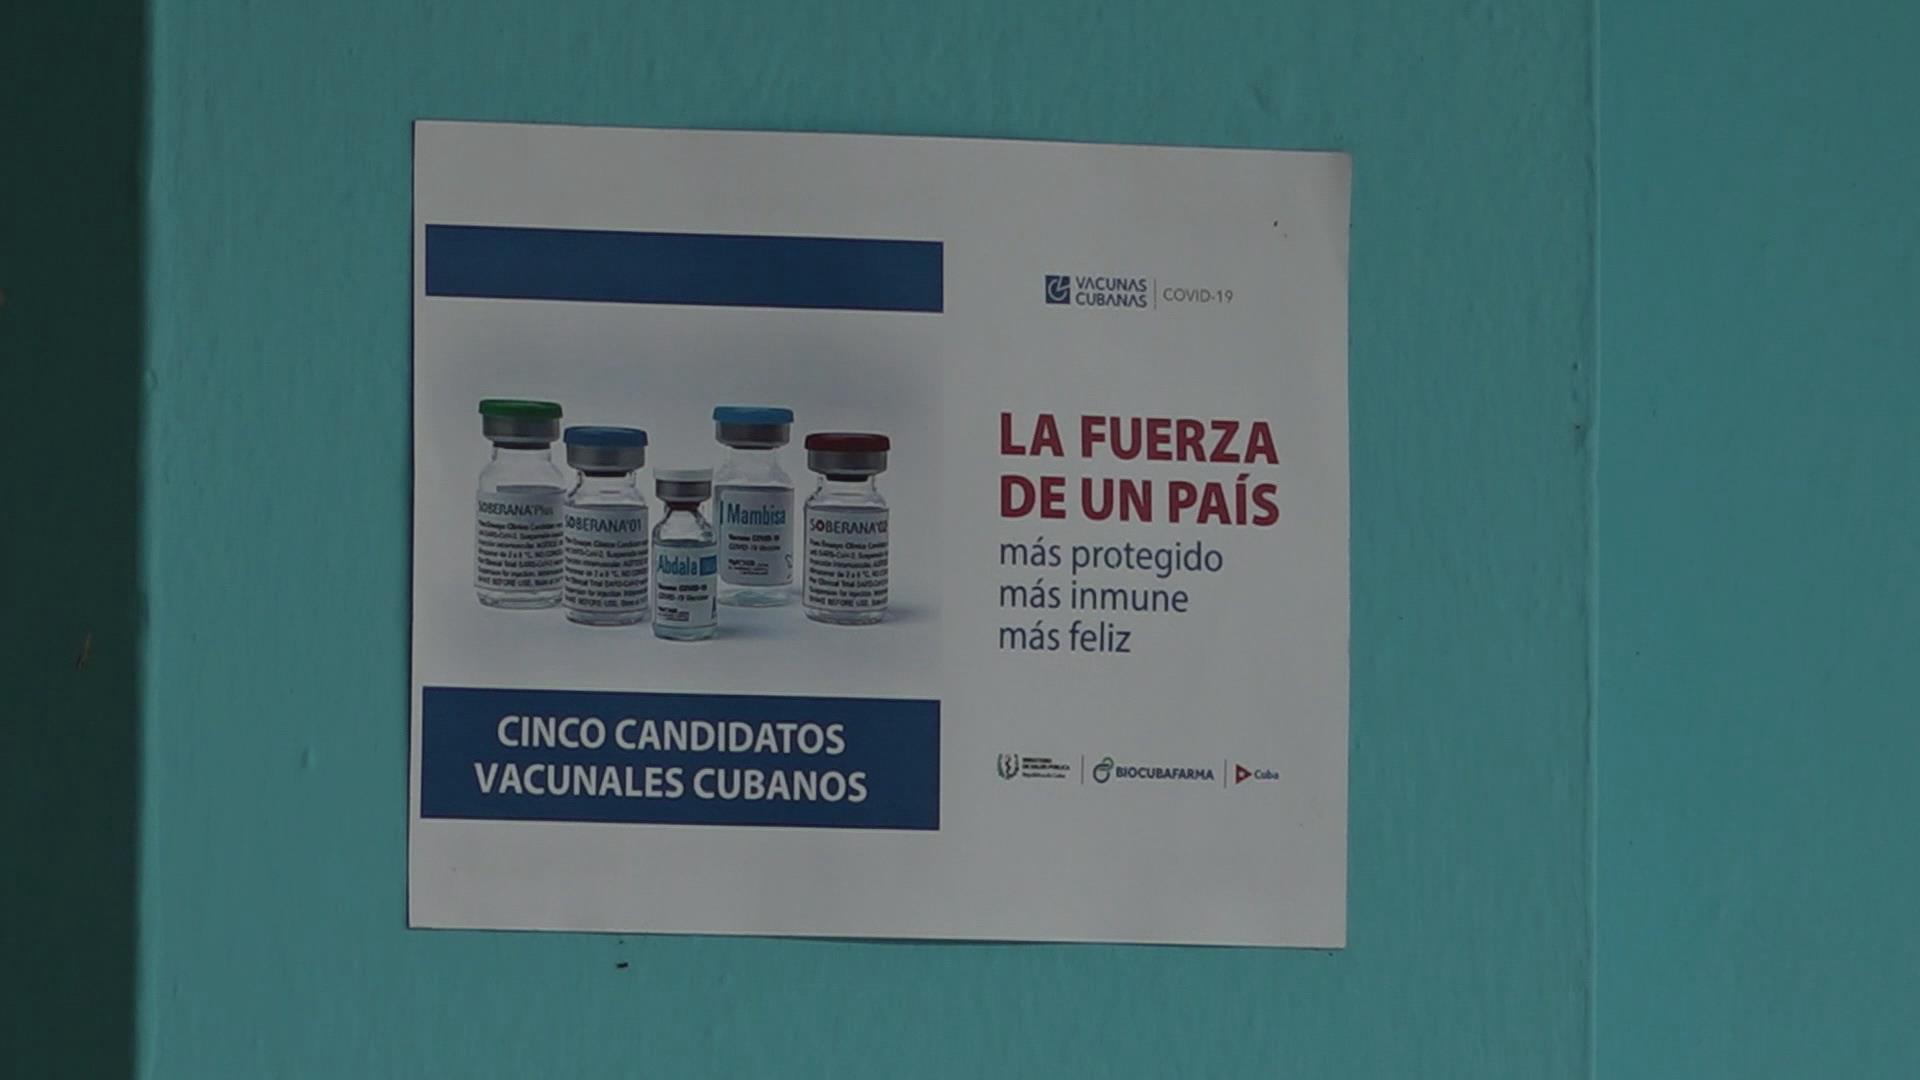 Cuba realiza vacunación a niños y adolescentes contra COVID-19